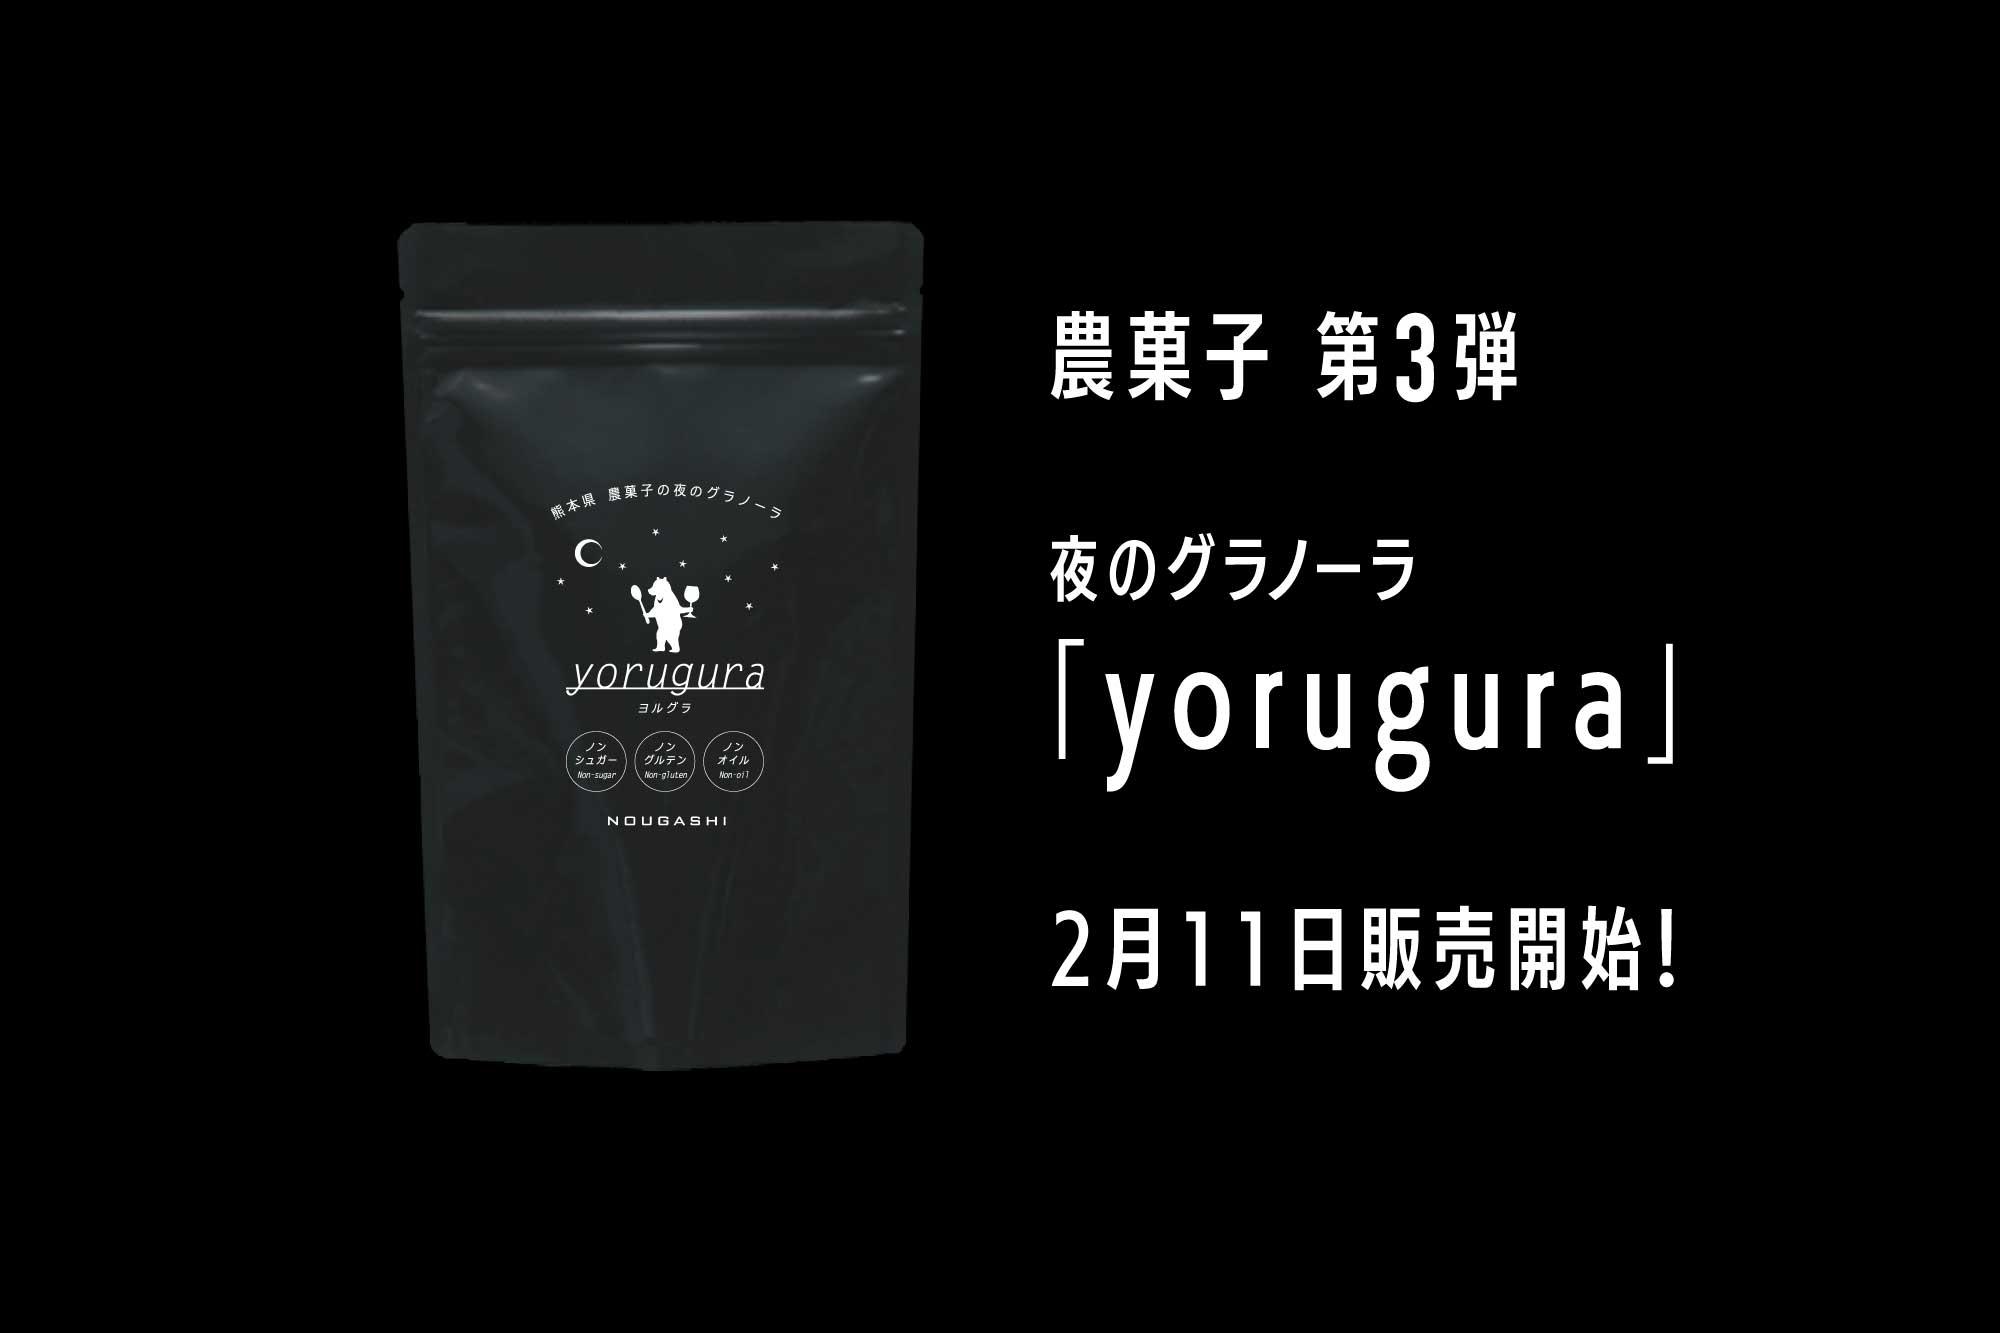 熊本の農産加工団体|農菓子